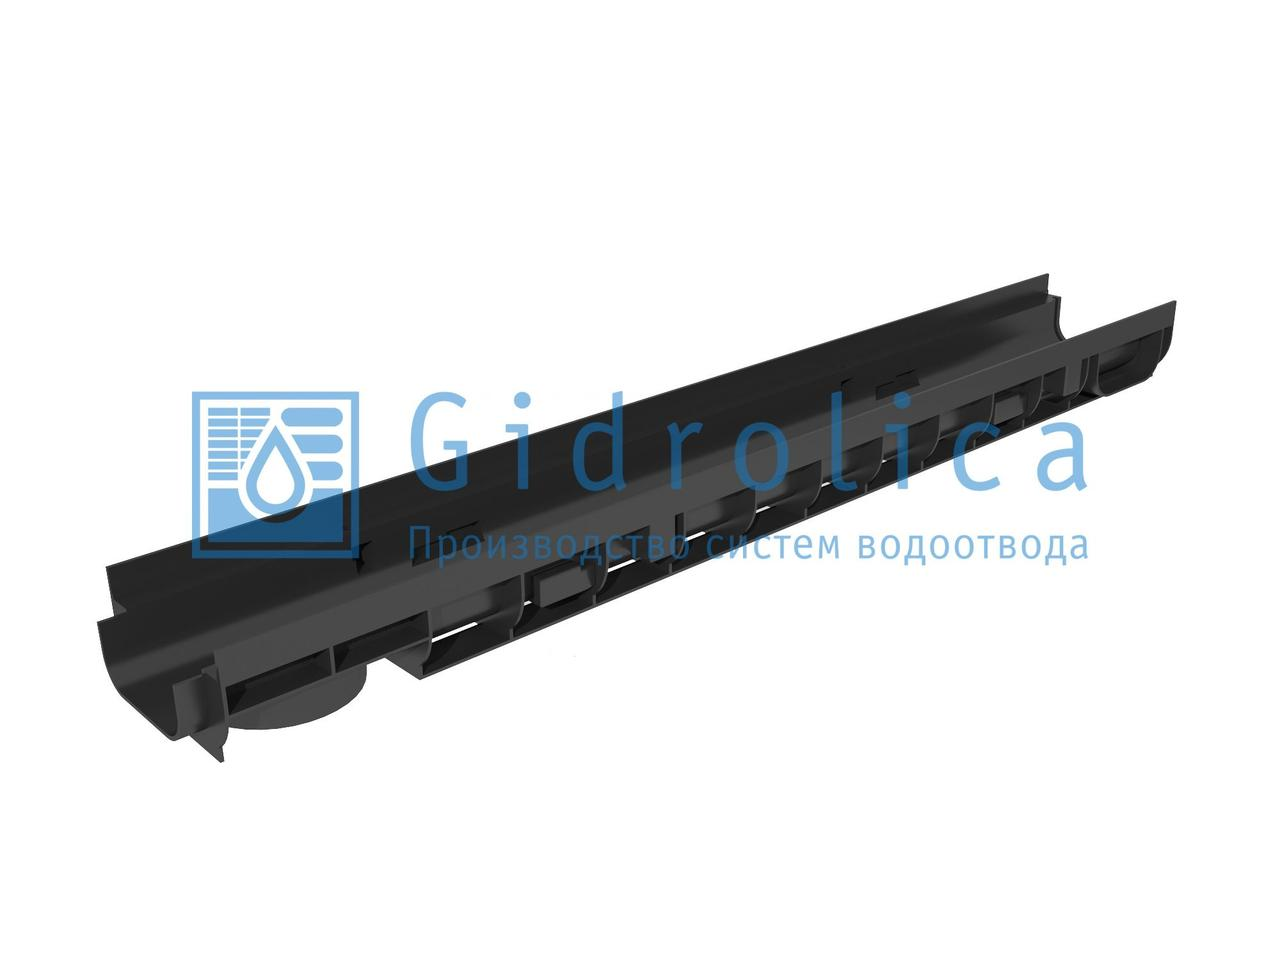 Лоток водоотводный Gidrolica Super ЛВ -20.24,6.12 - пластиковый, кл. Е600